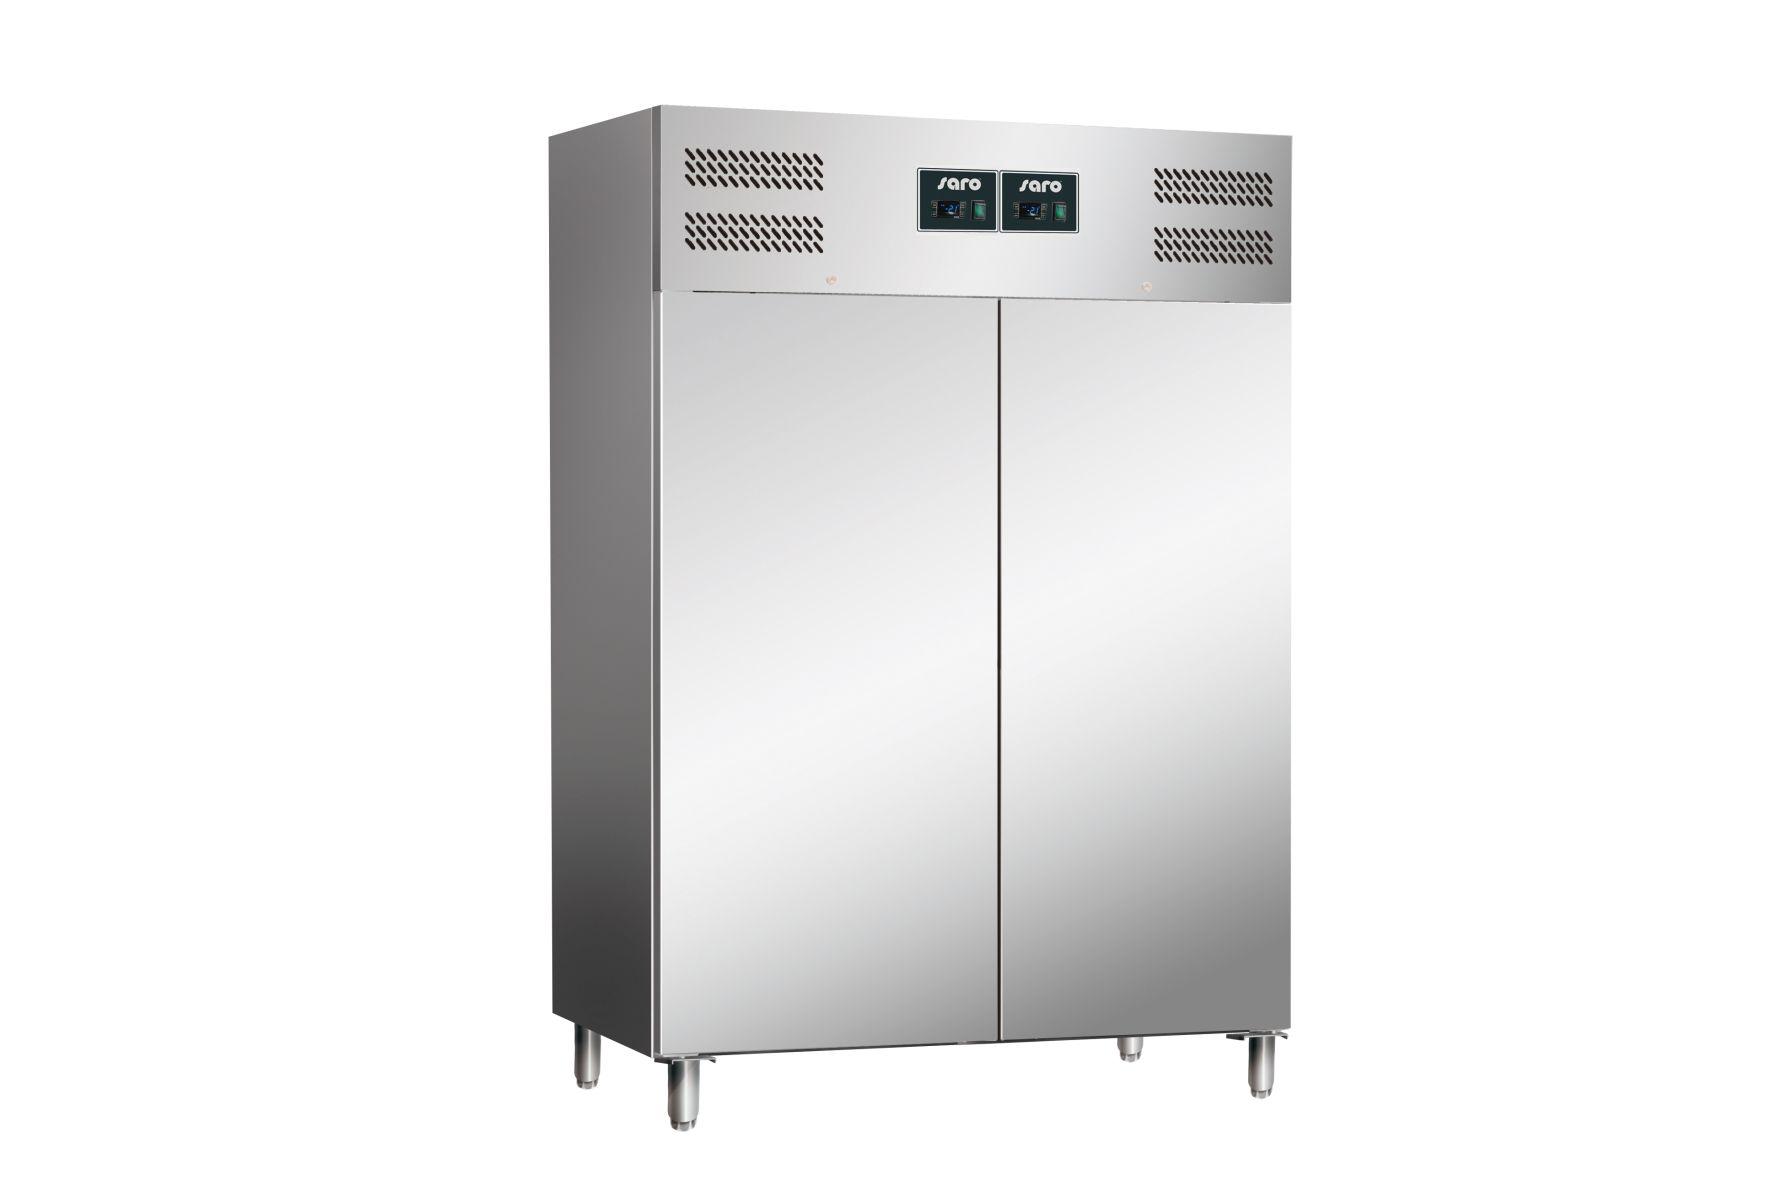 Kühl- / Tiefkühlkombination Modell GN 120 DTV